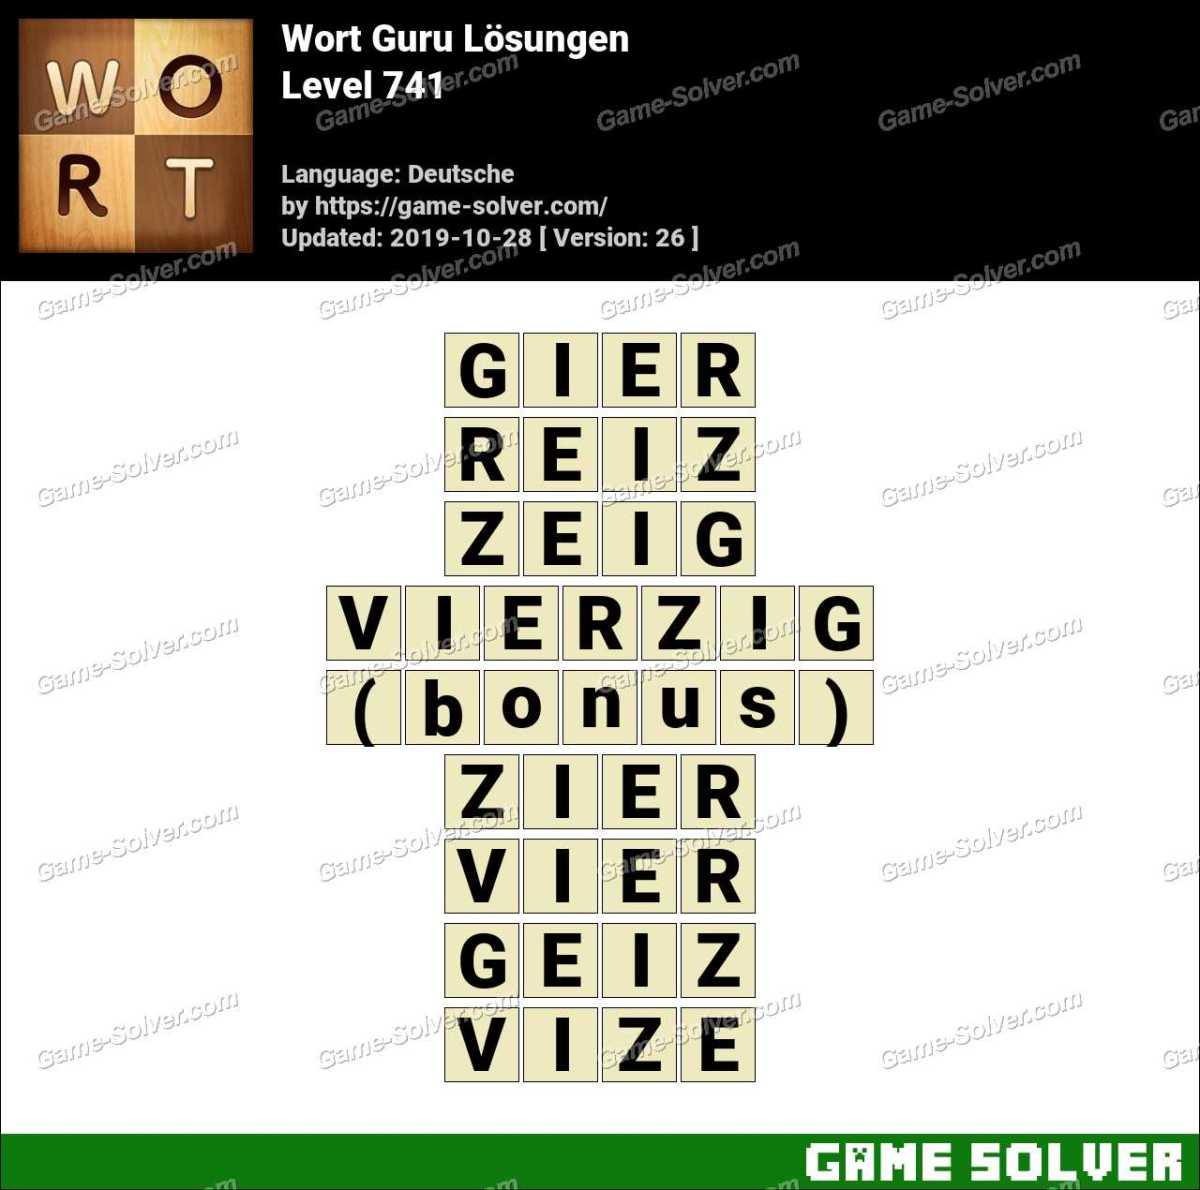 Wort Guru Level 741 Lösungen